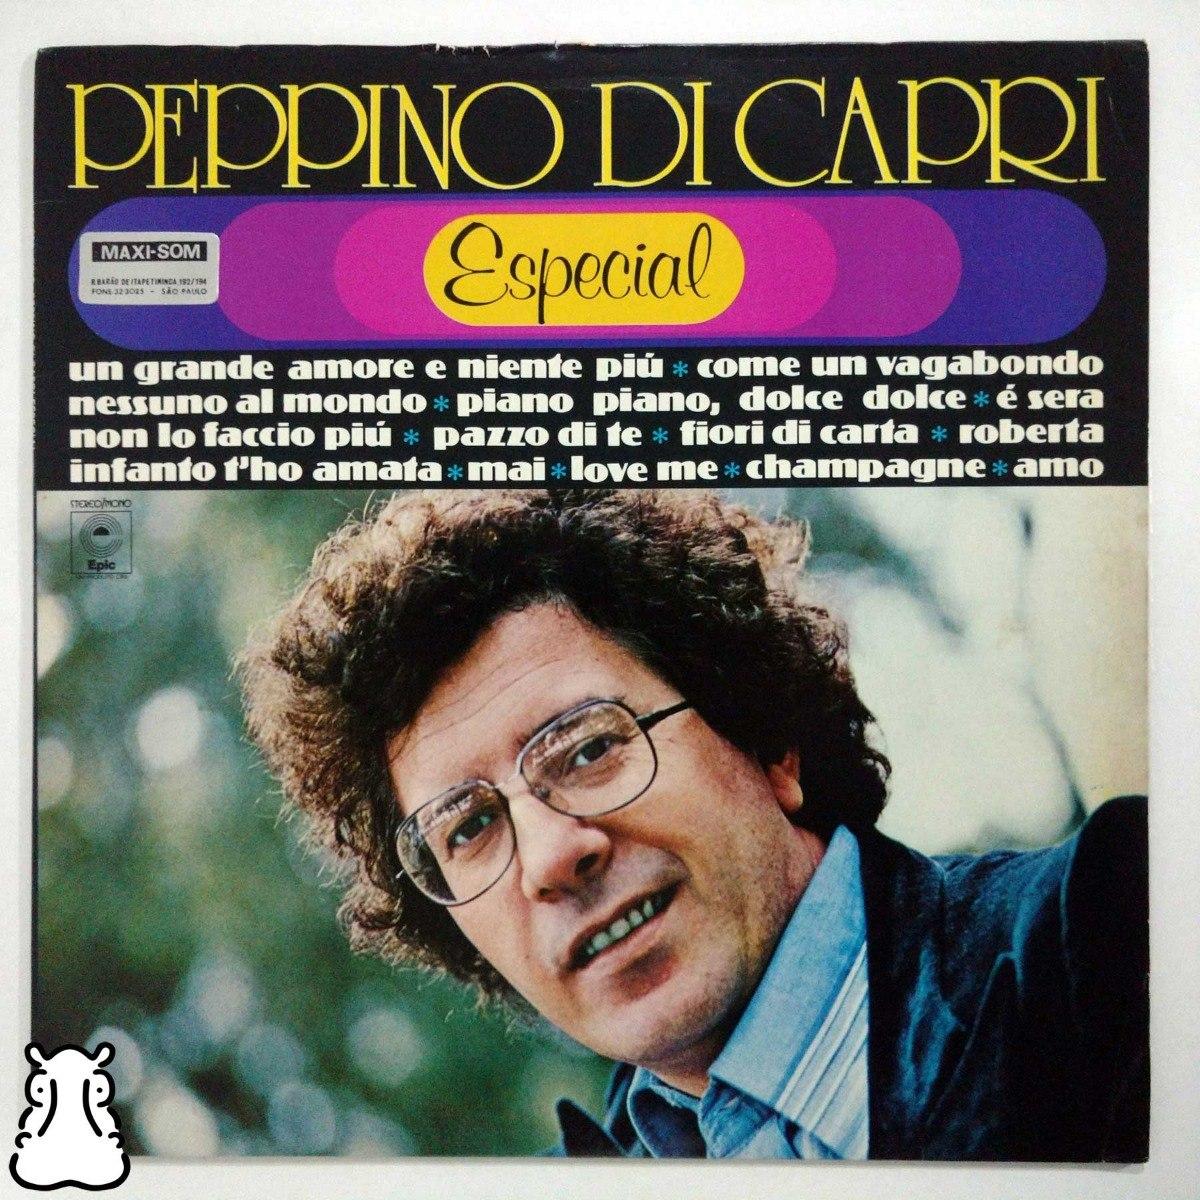 a3cb14410f0 Lp Peppino Di Capri Especial Disco Vinil Roberta Champagne - R$ 39 ...